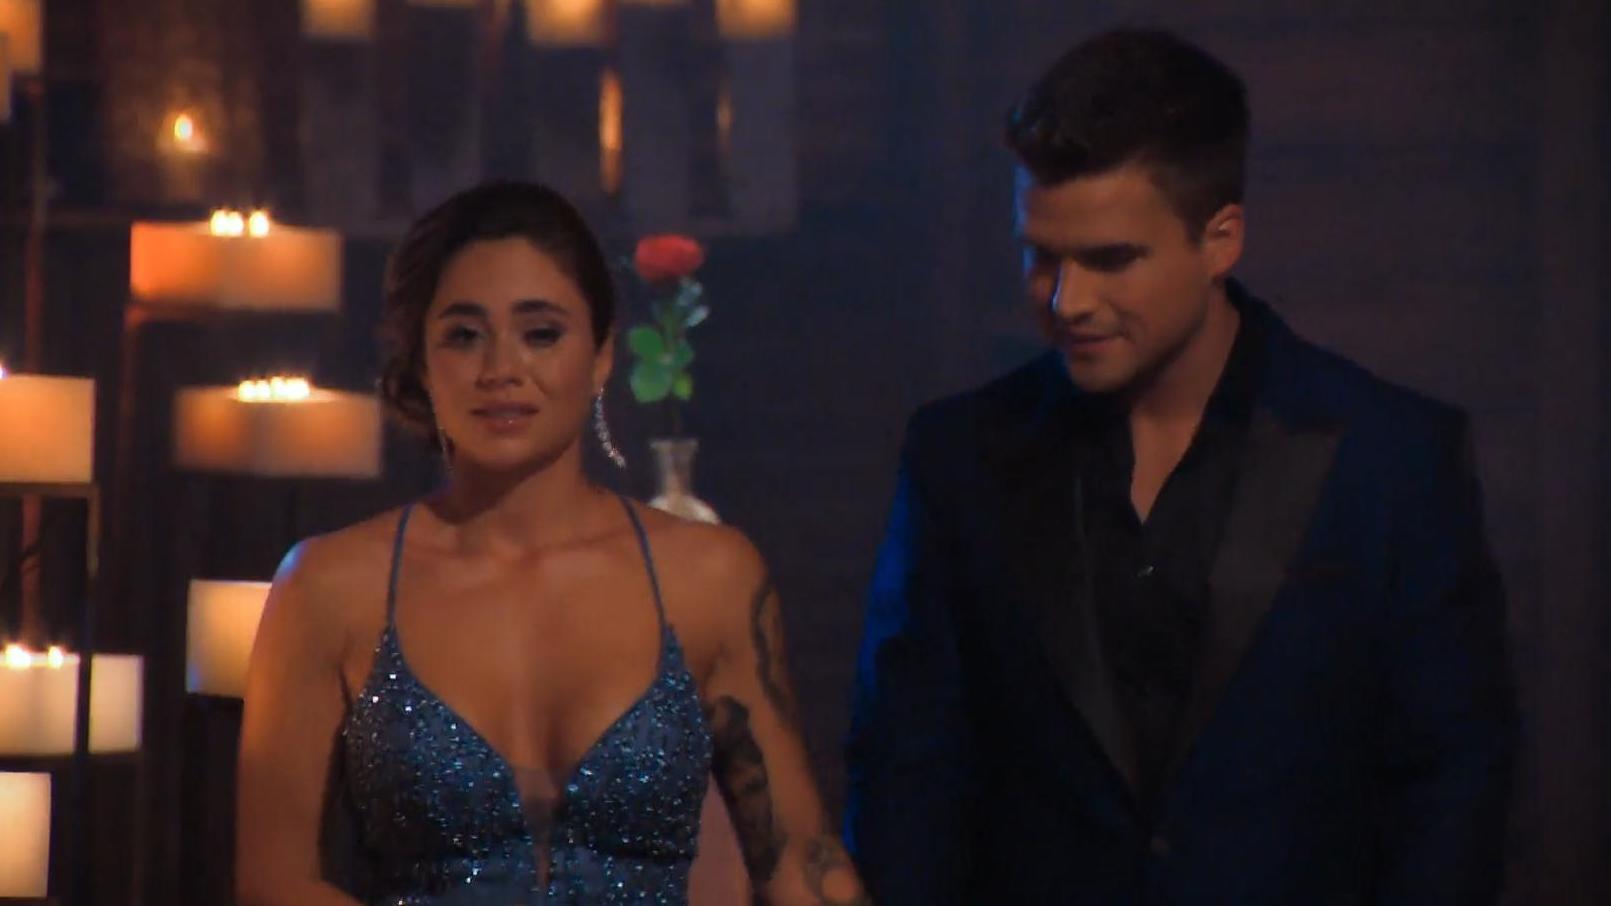 Melissa fiel der Abschied von Daniel schwer und jetzt meldet er sich zu seinem Aus.